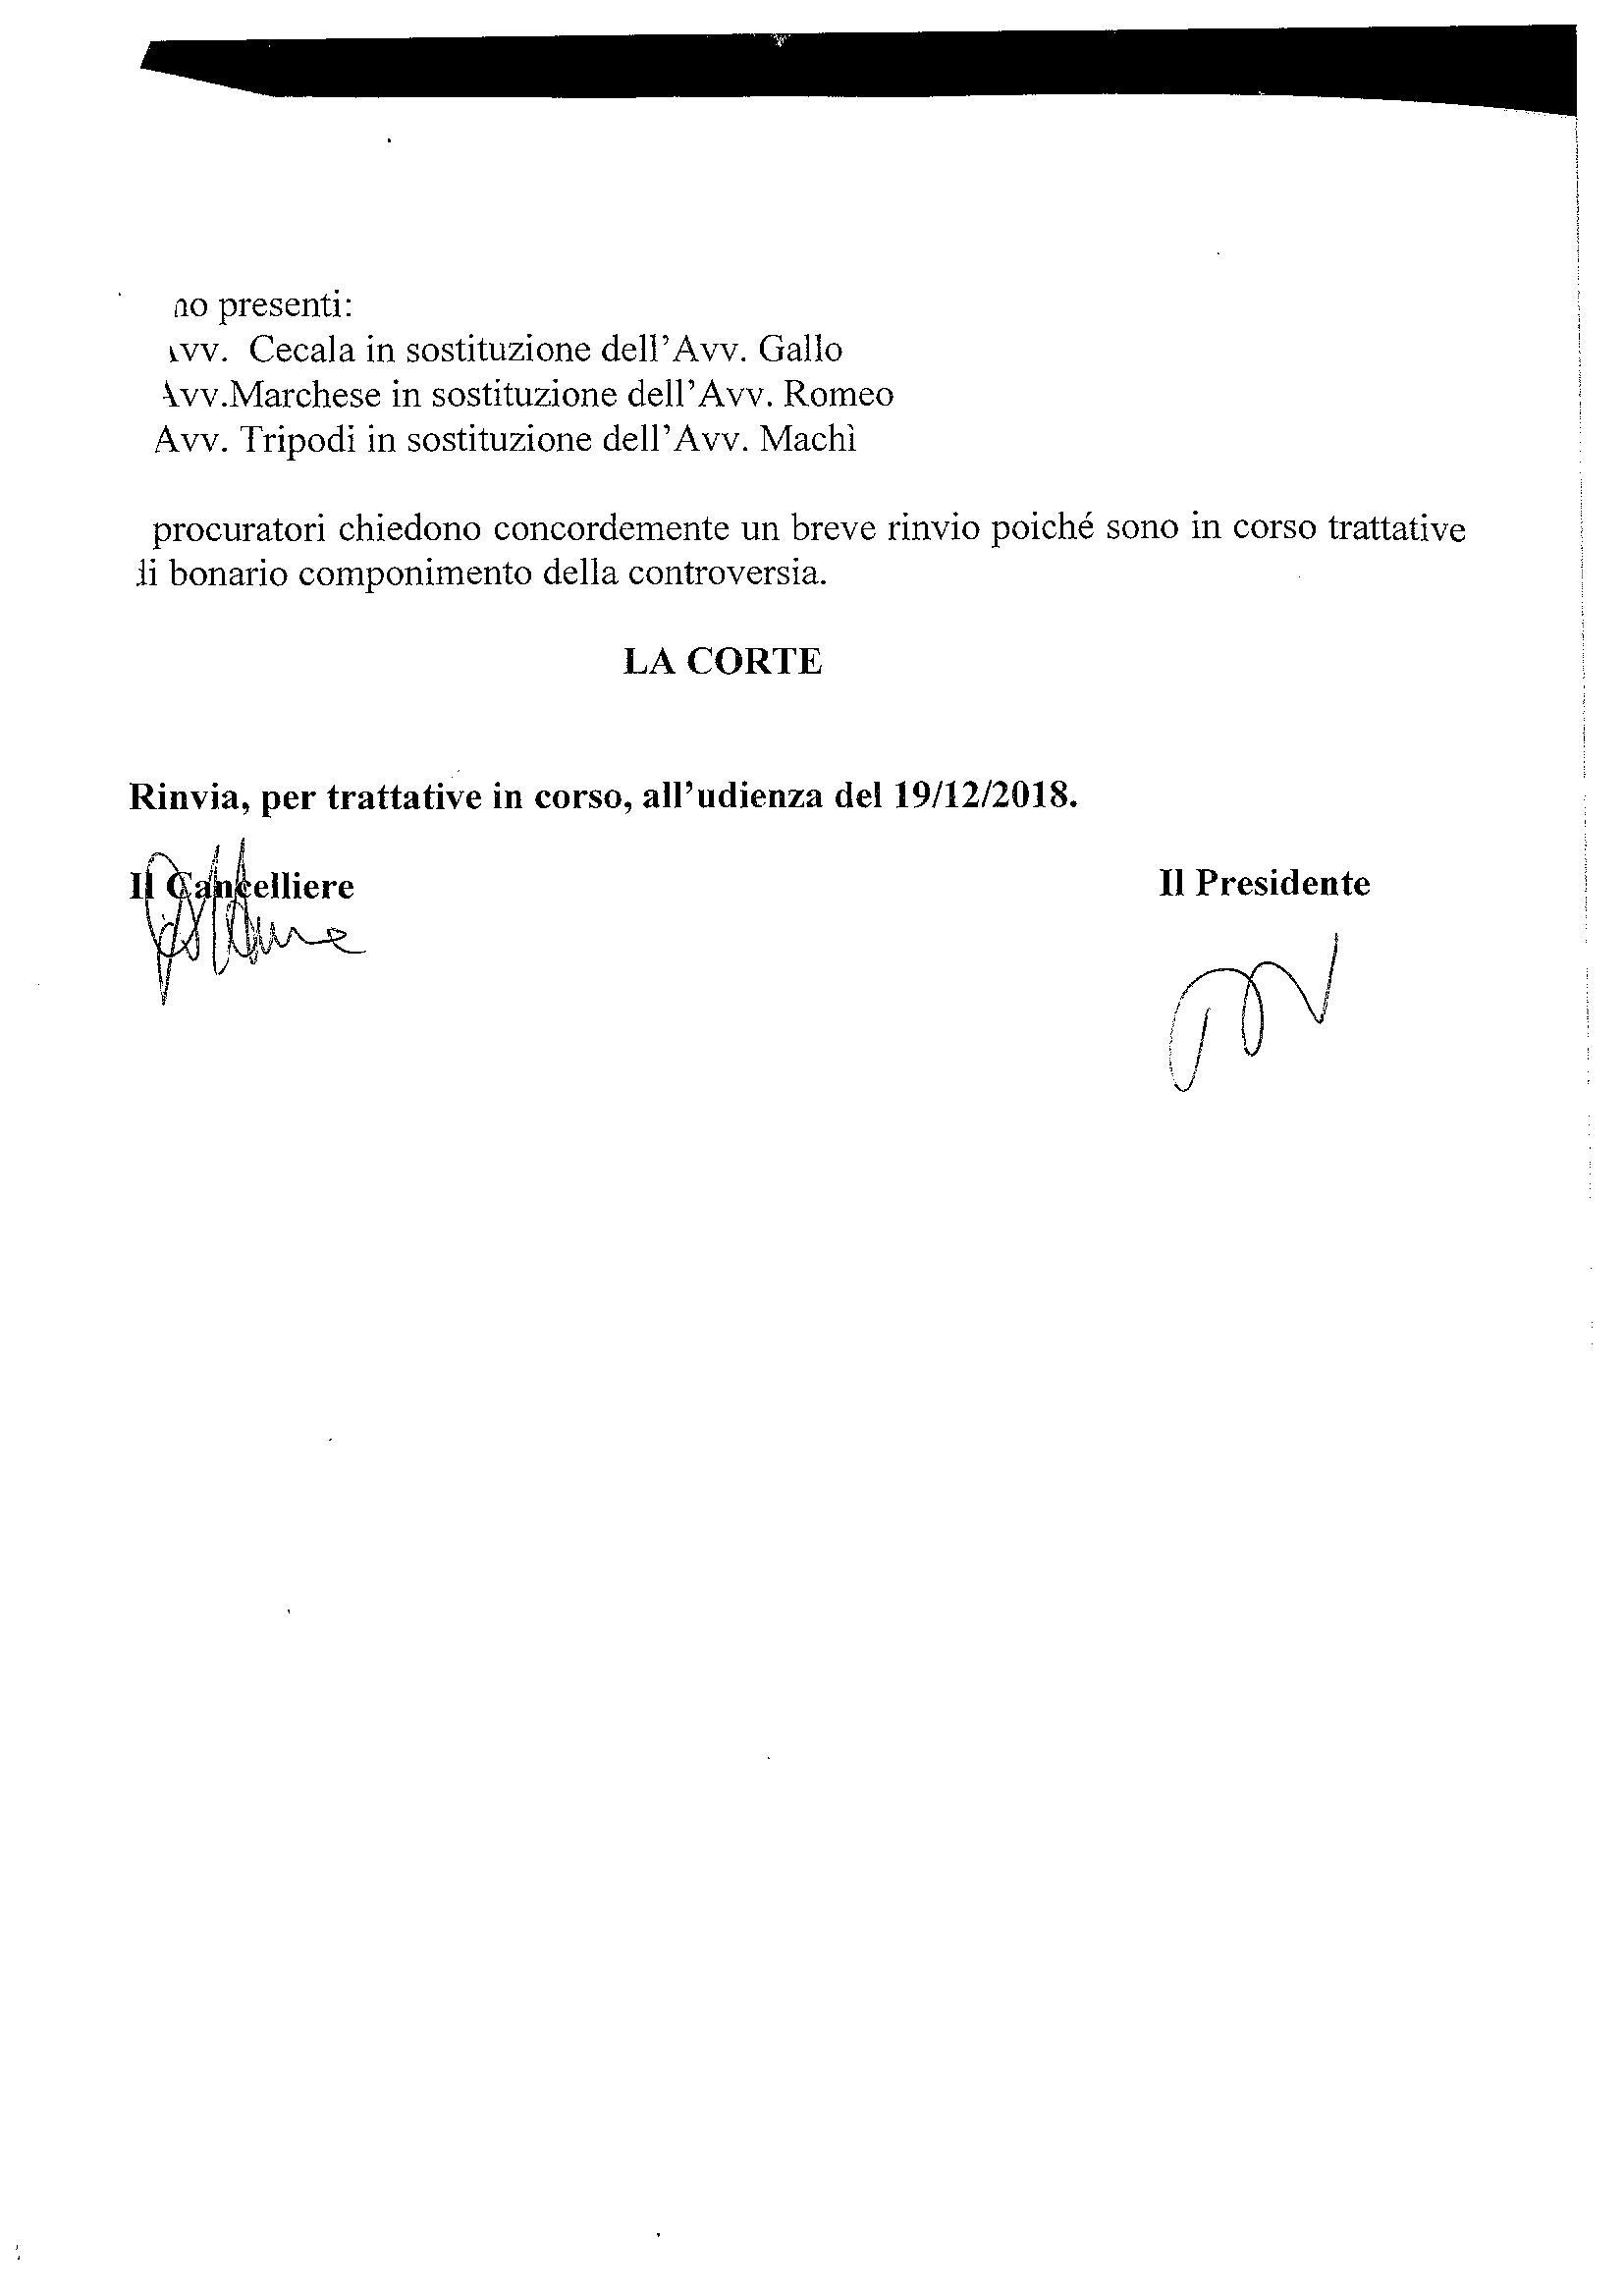 Pagine da Querela di Falso rinvio per trattative 19 settembre 2018 pag 2